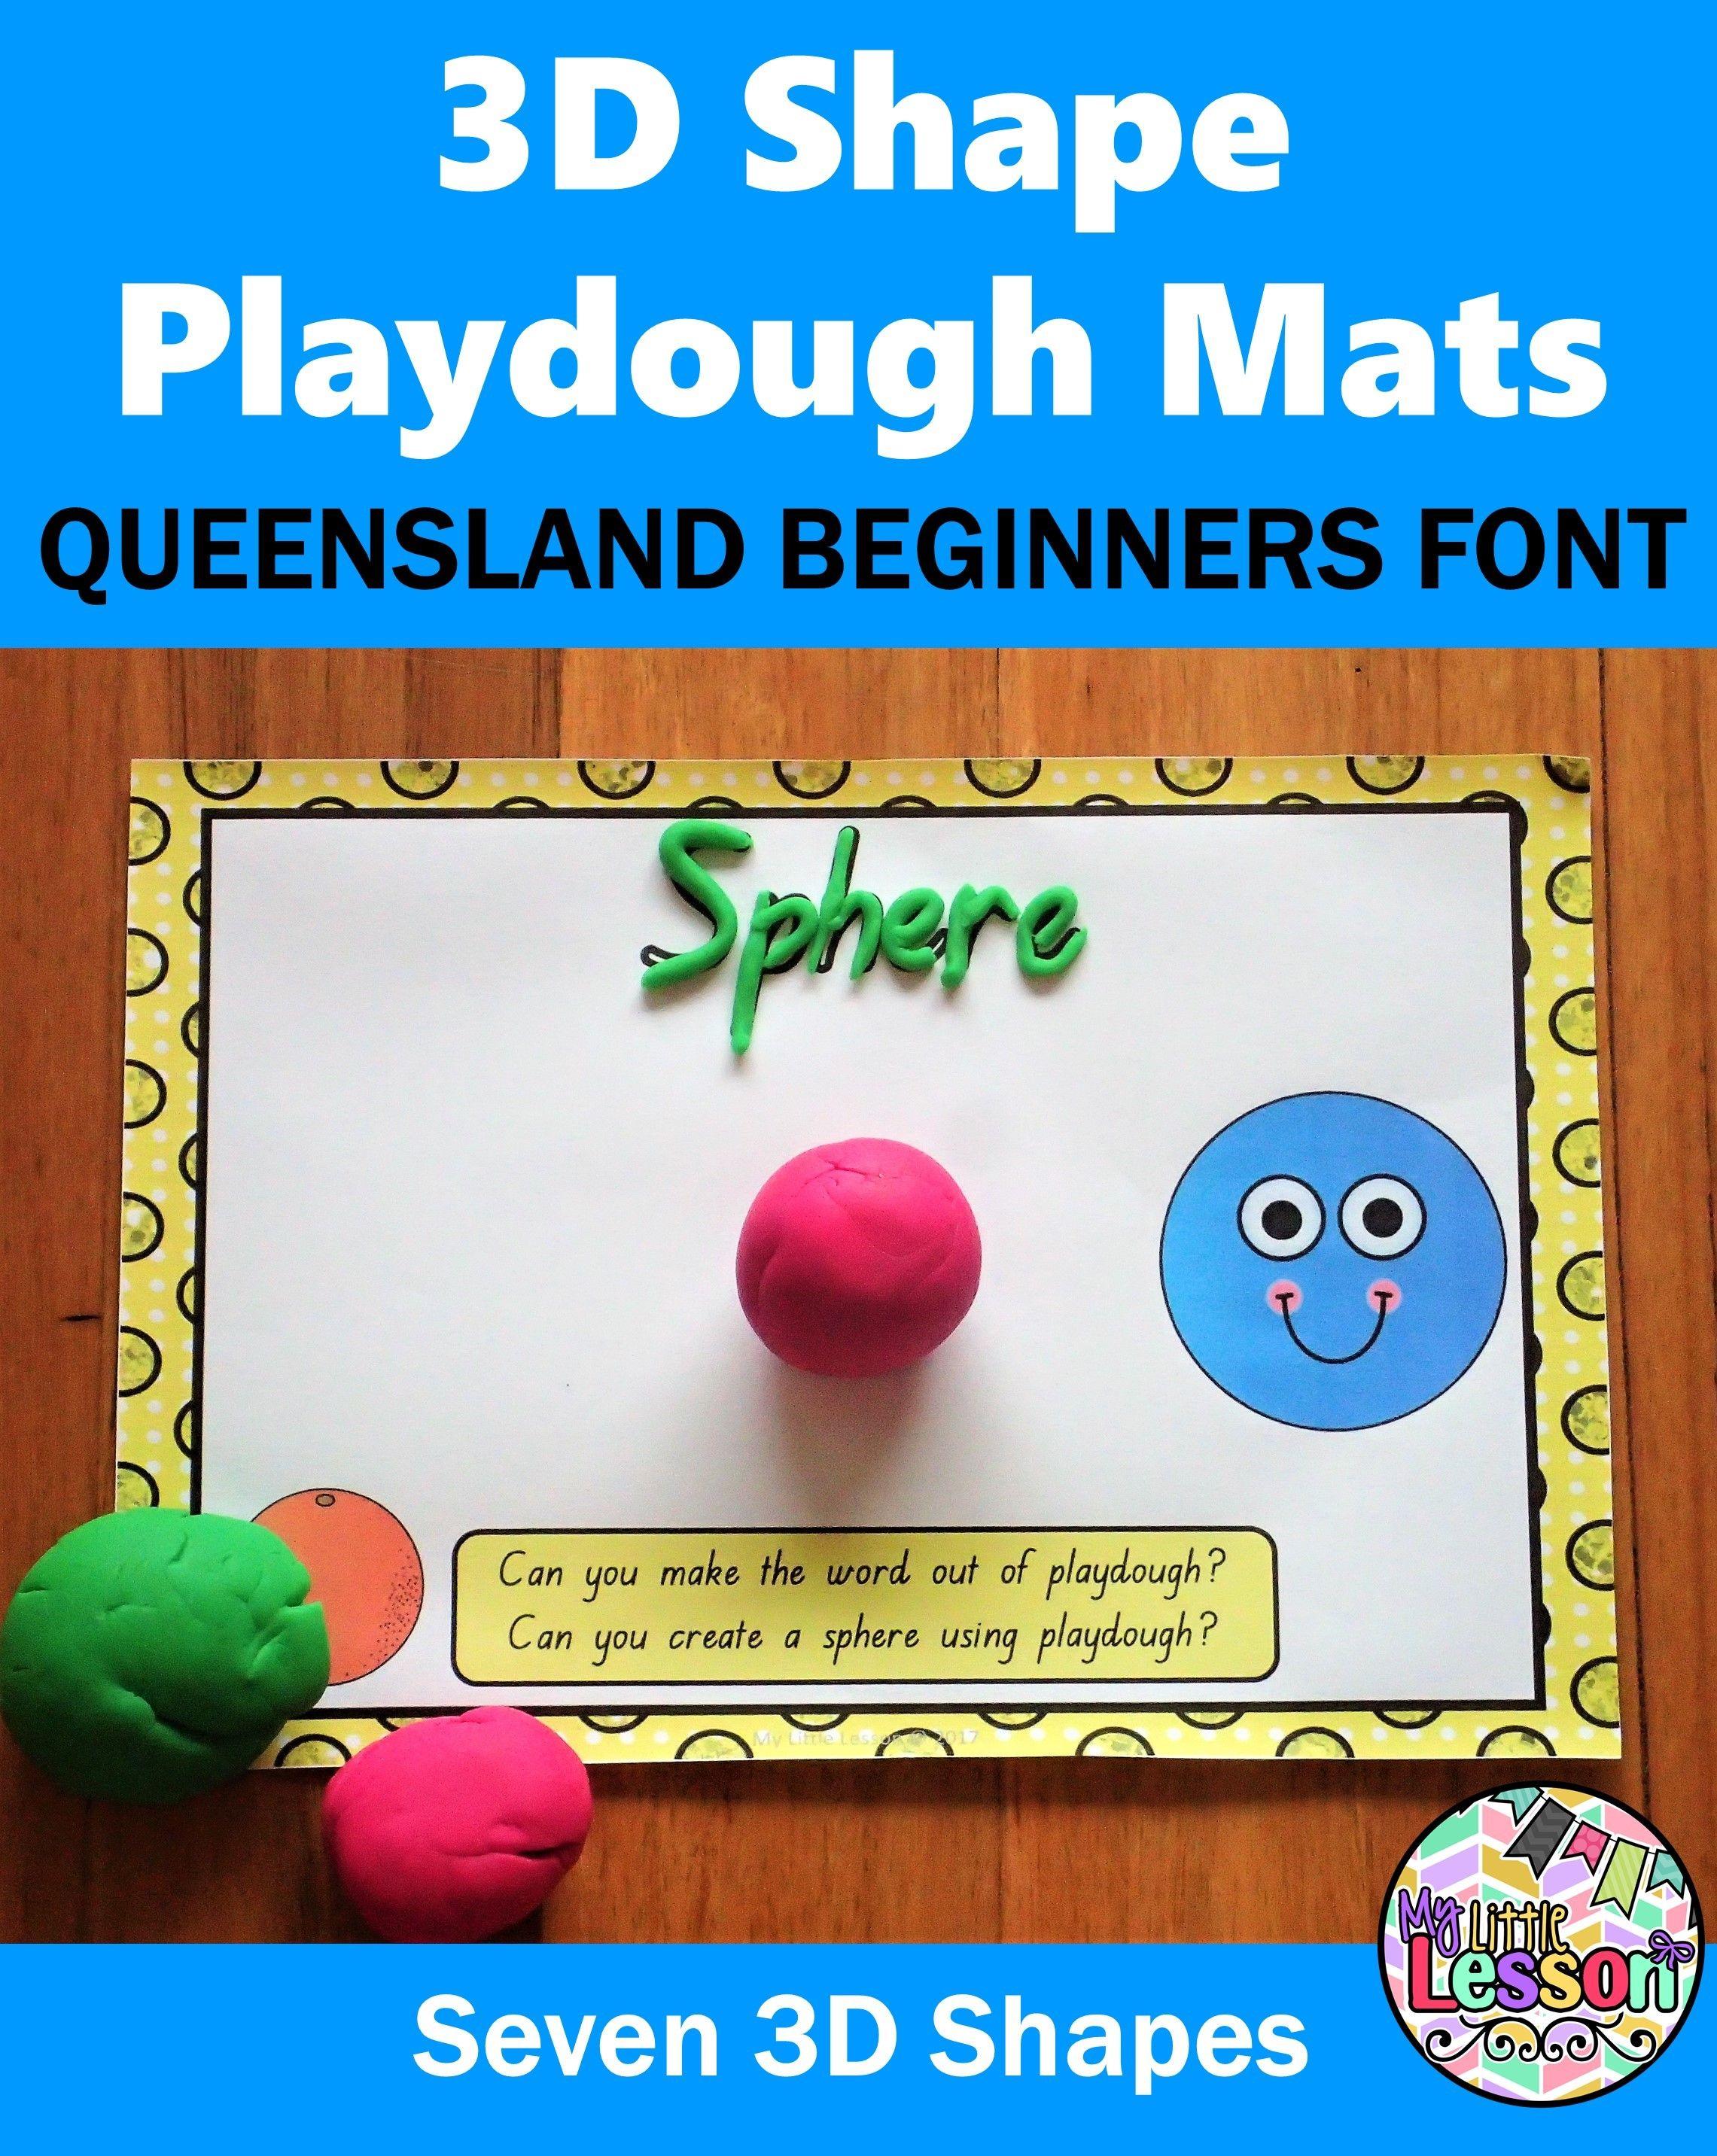 3d Shapes Playdough Mats Qld Beginners Font